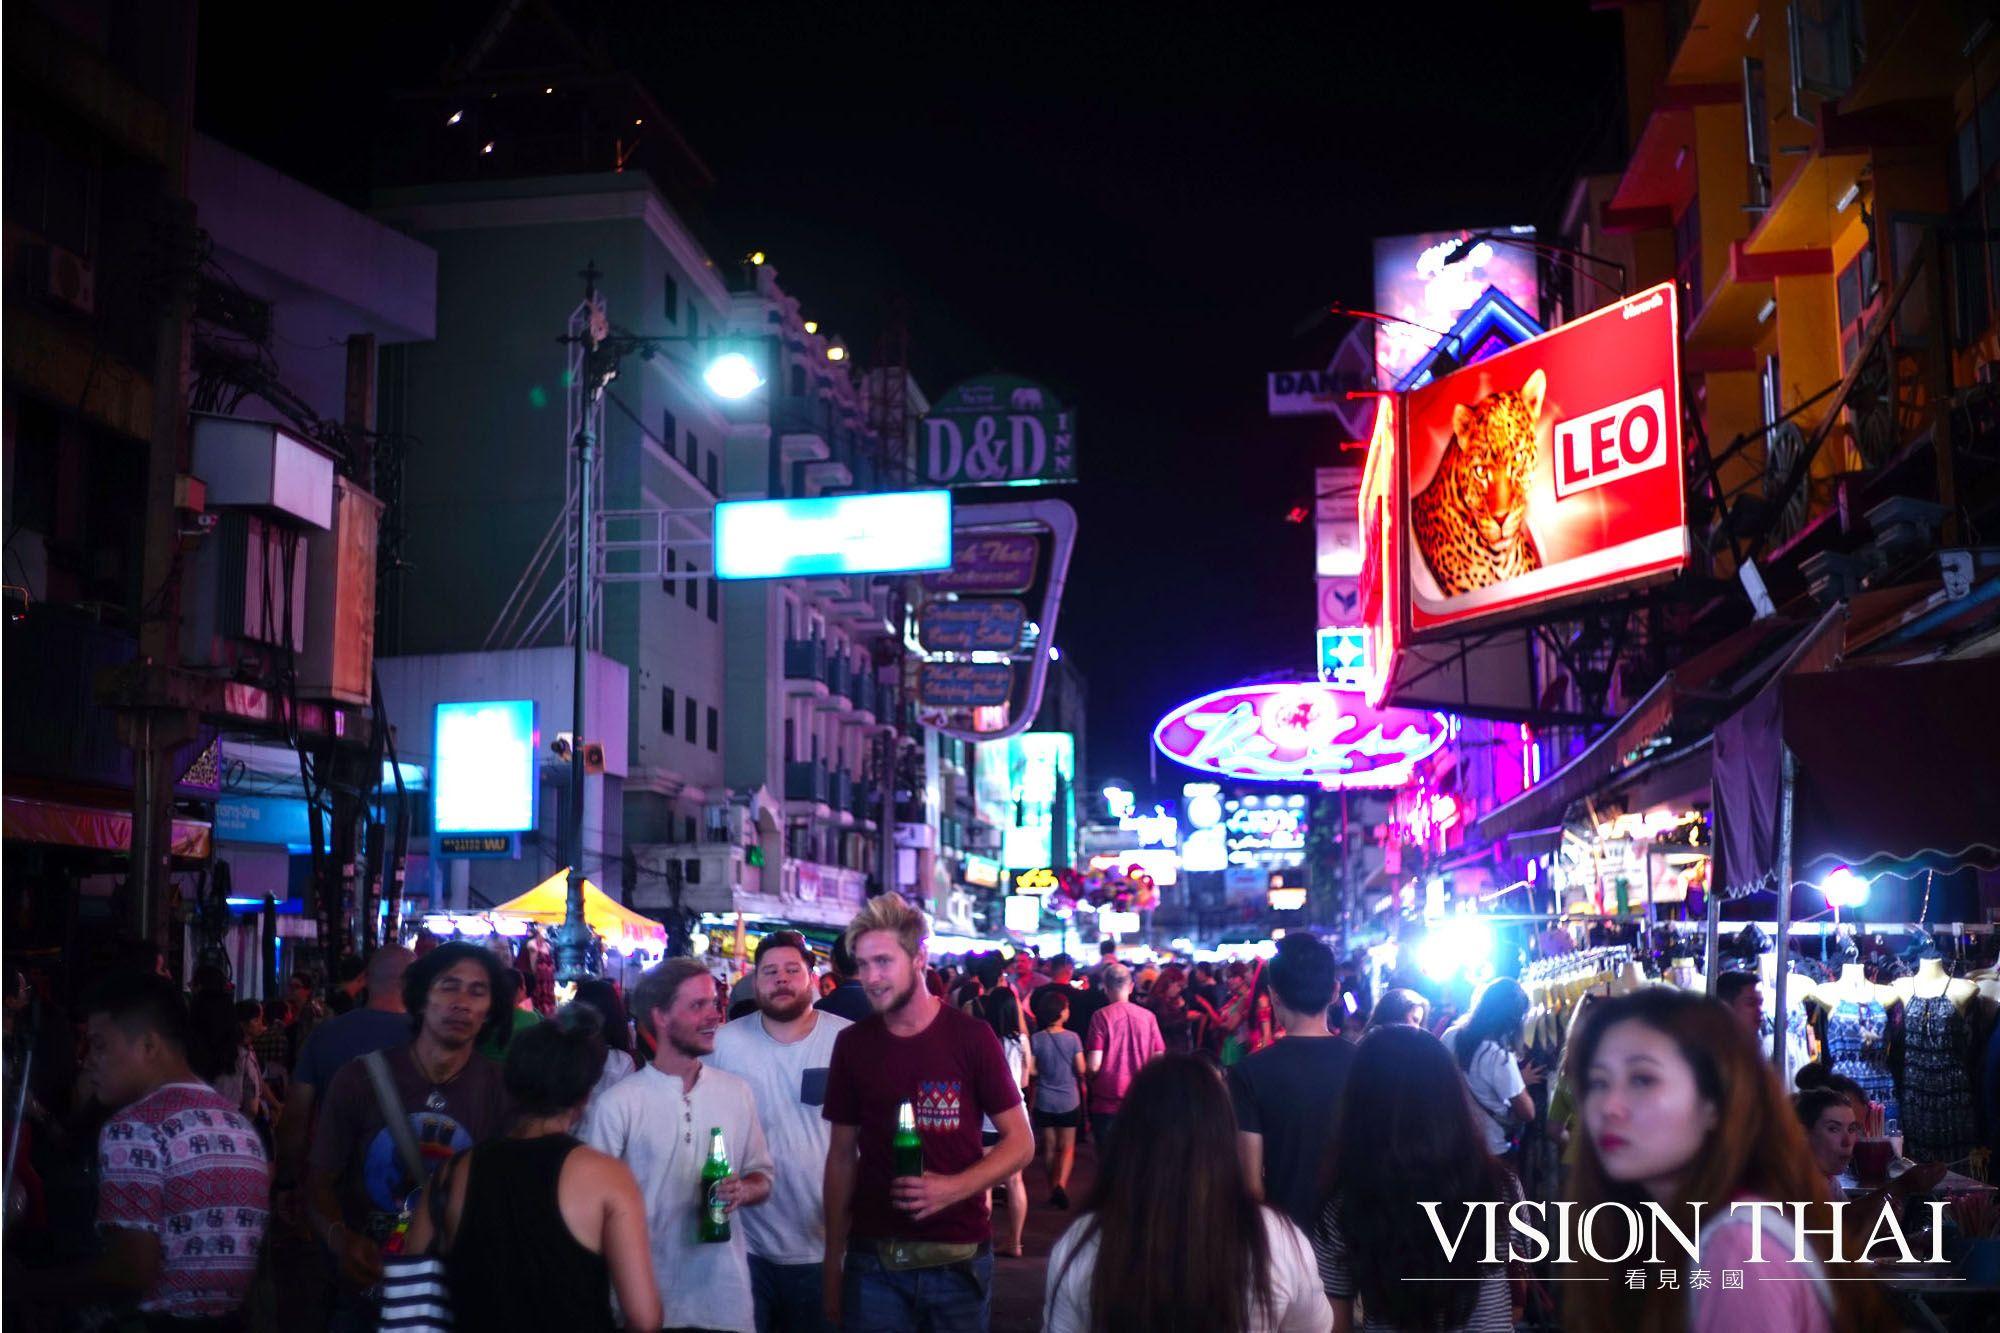 曼谷 考山路 Khao San Road 全球背包客的朝聖地 青年旅舍大本營